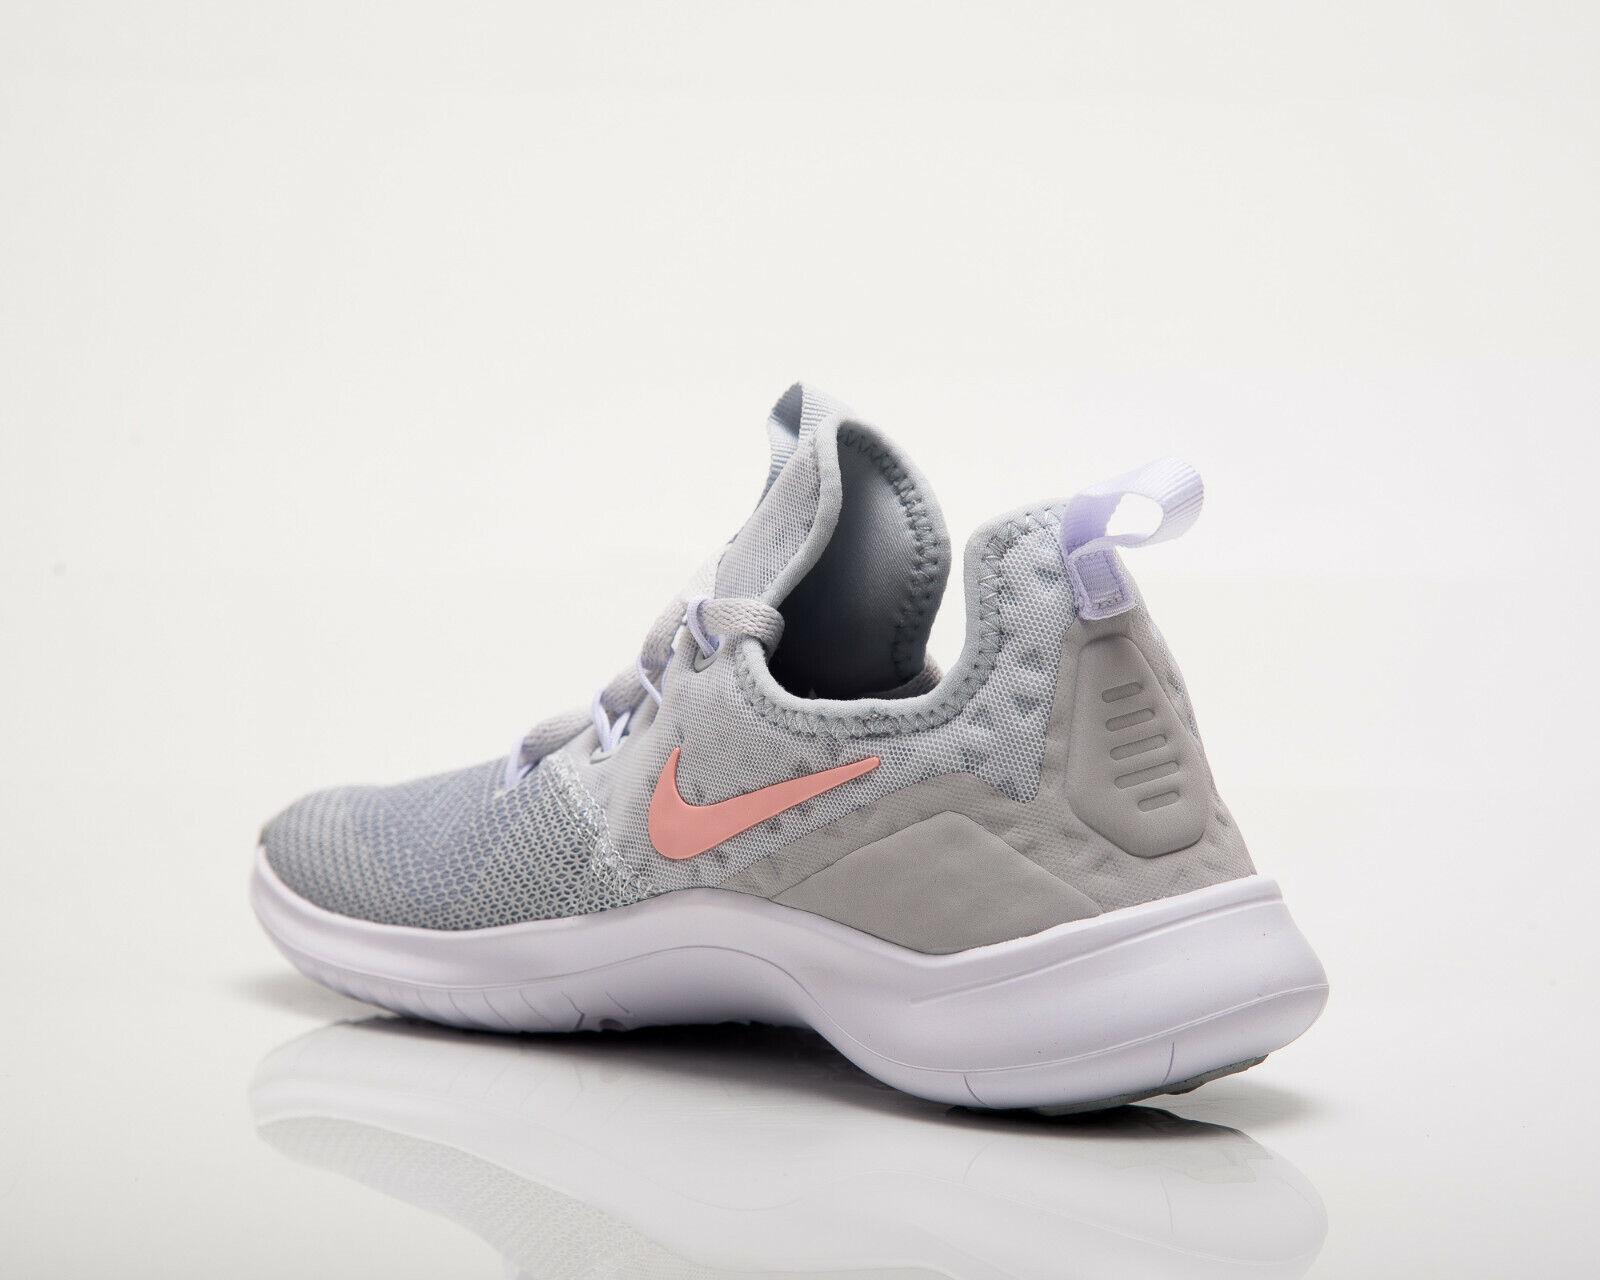 Nuevo en Caja Nike Free Tr 8 Zapatillas Platino Puro Storm Storm Puro rosado 942888-006 Mujer ef7711